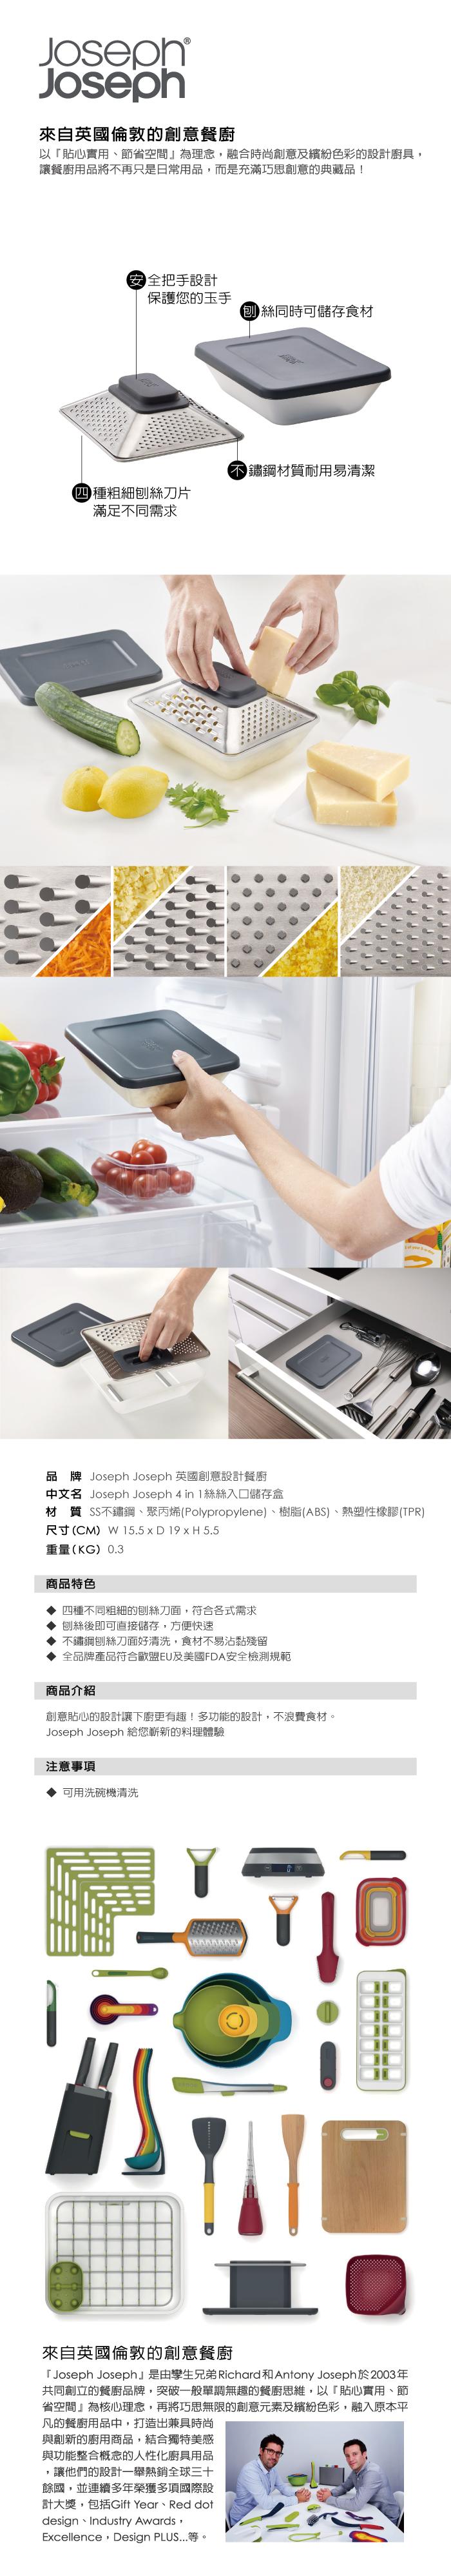 (複製)Joseph Joseph|英國創意餐廚 肉槌搗磨榨汁器